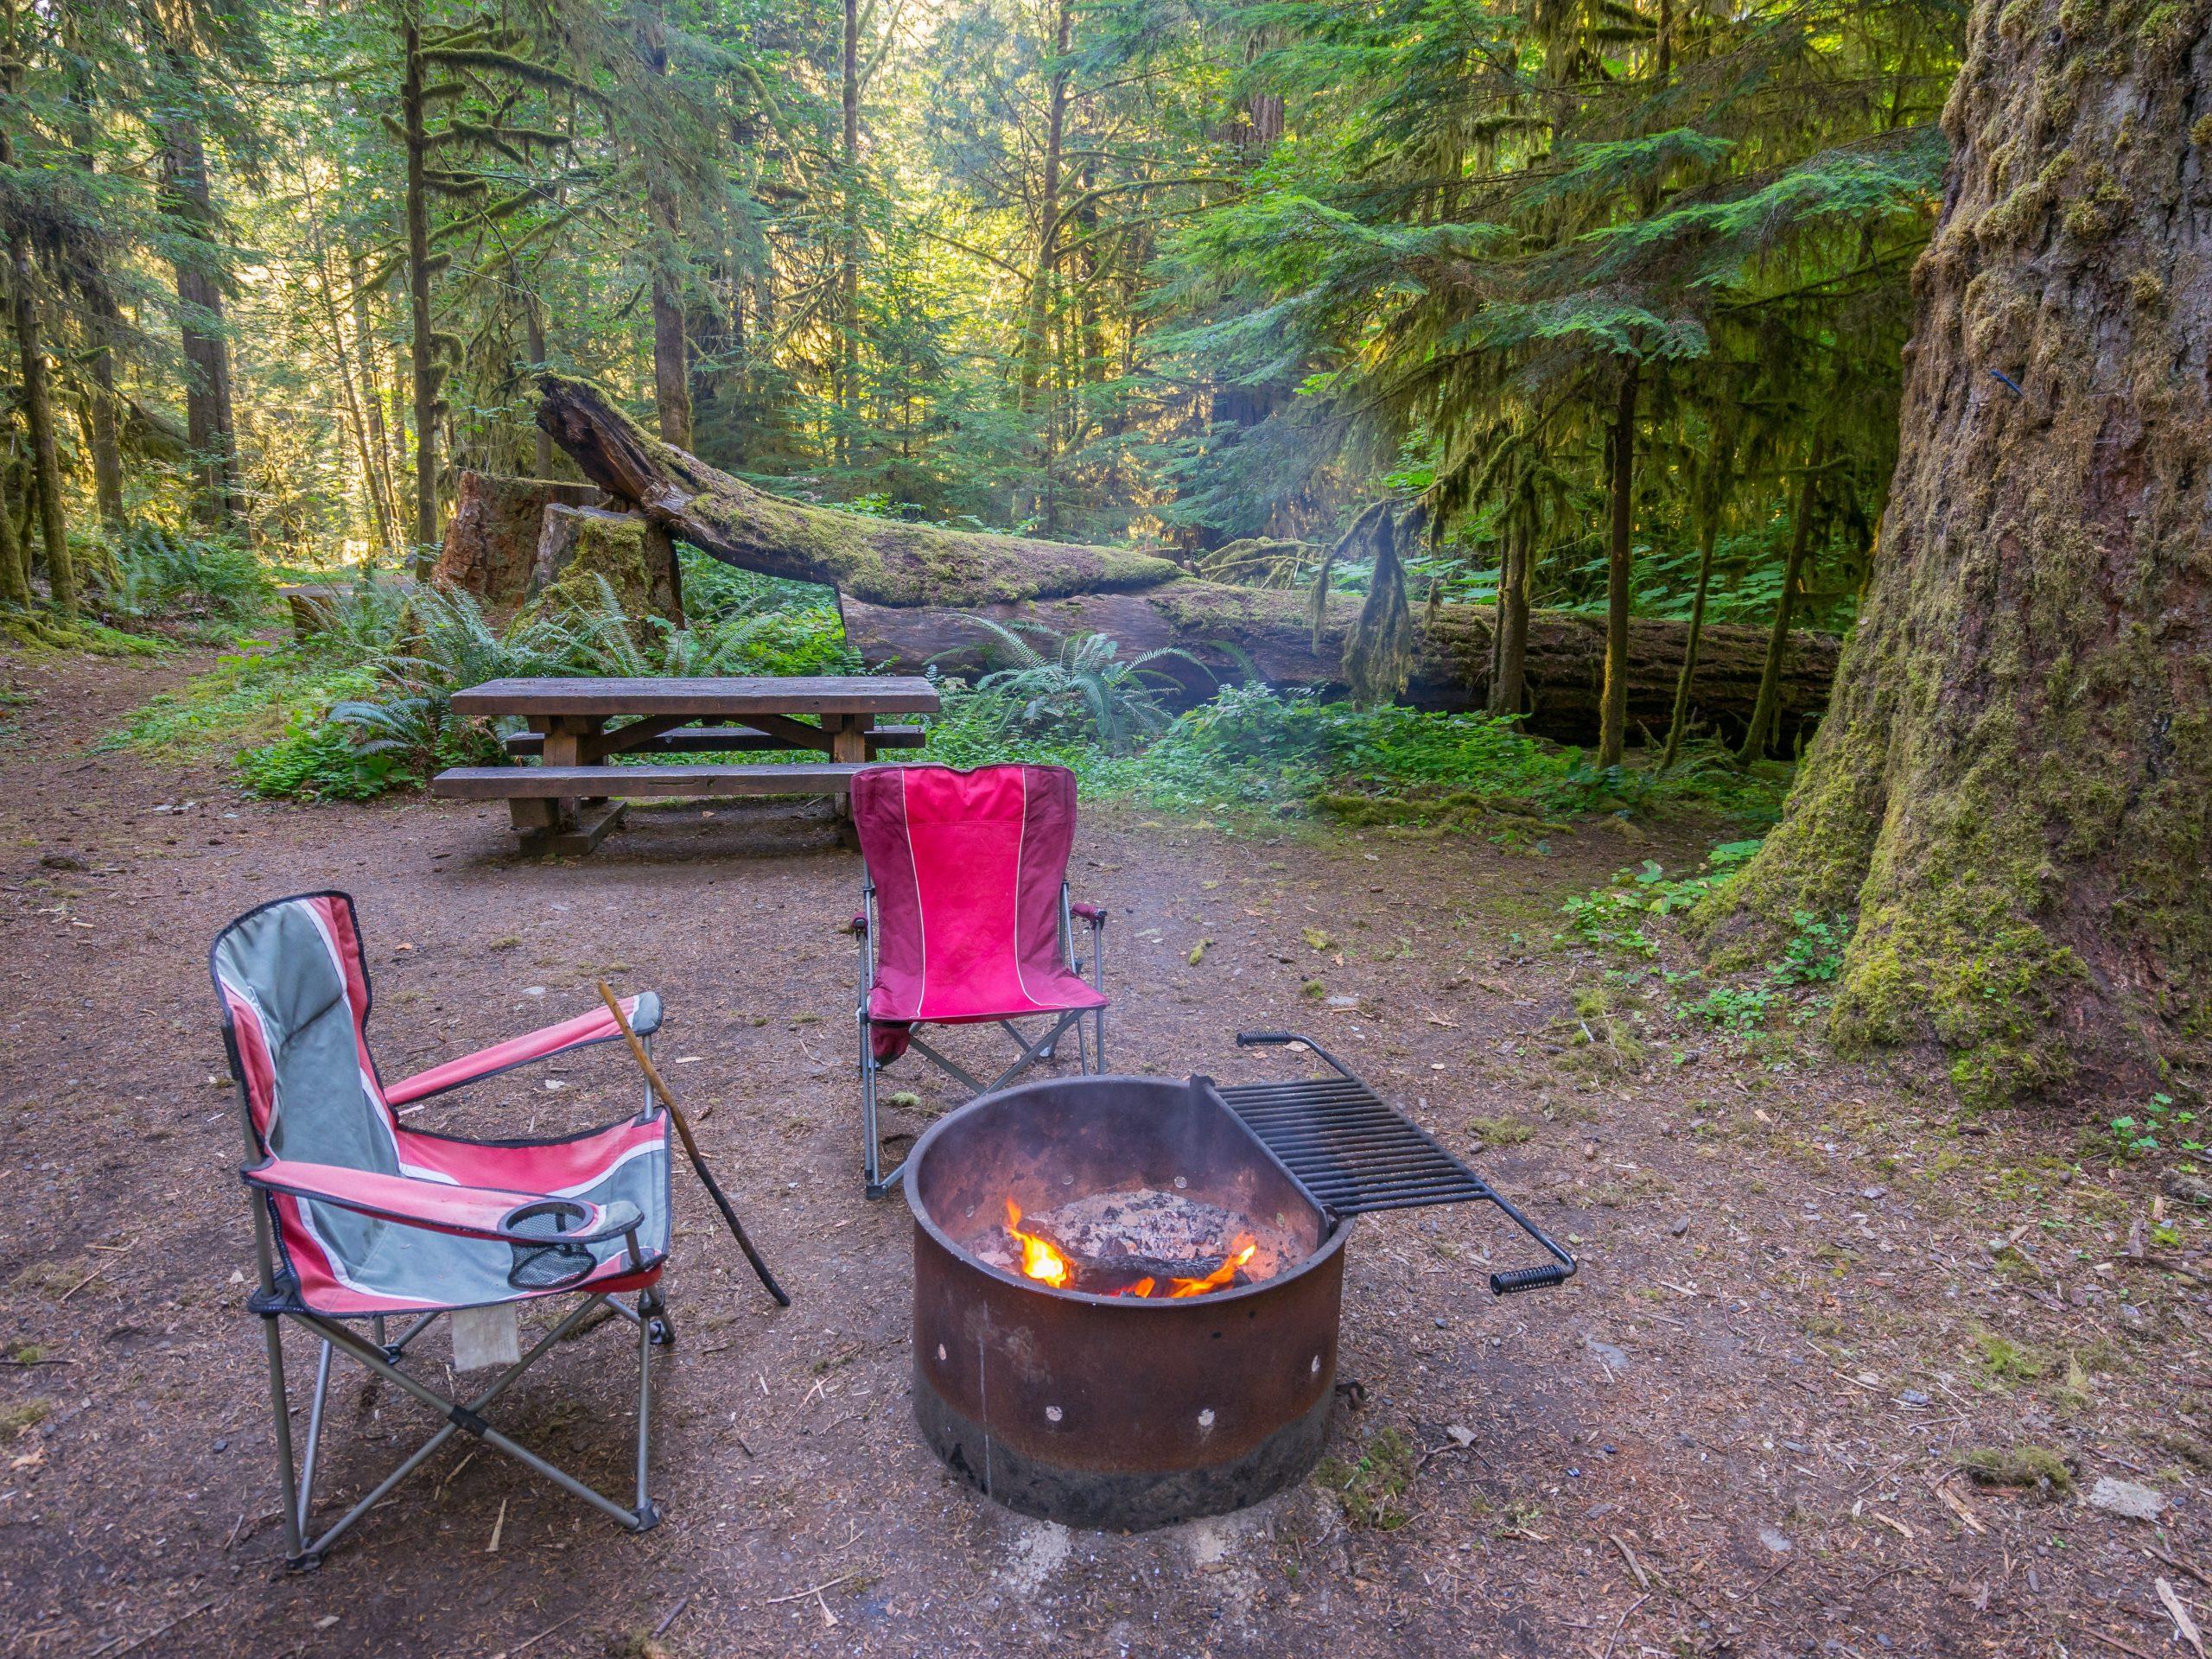 Camping Chairs at campfire